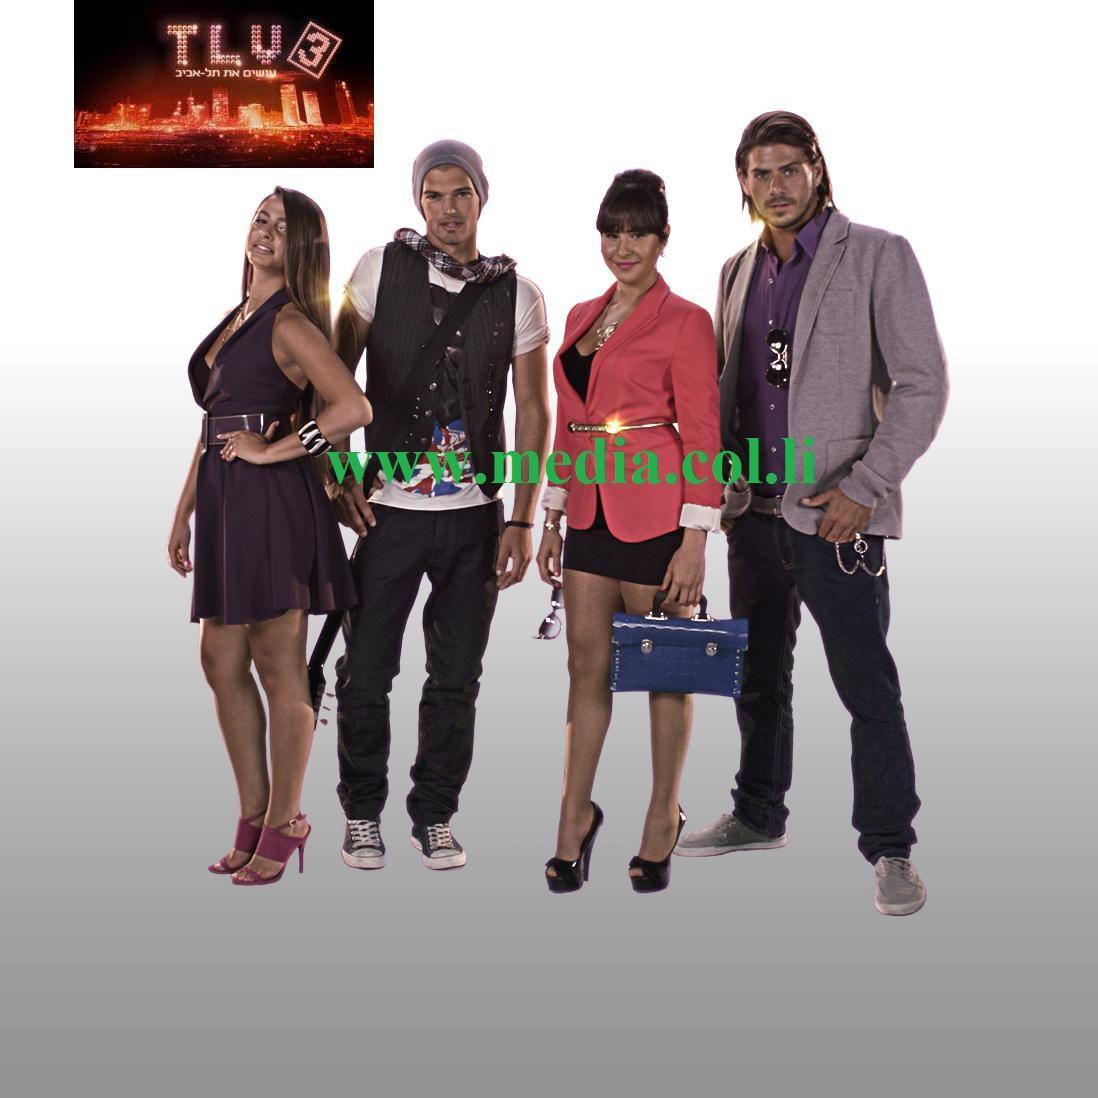 TLV עושים את תל אביב עונה 3 לצפייה ישירה